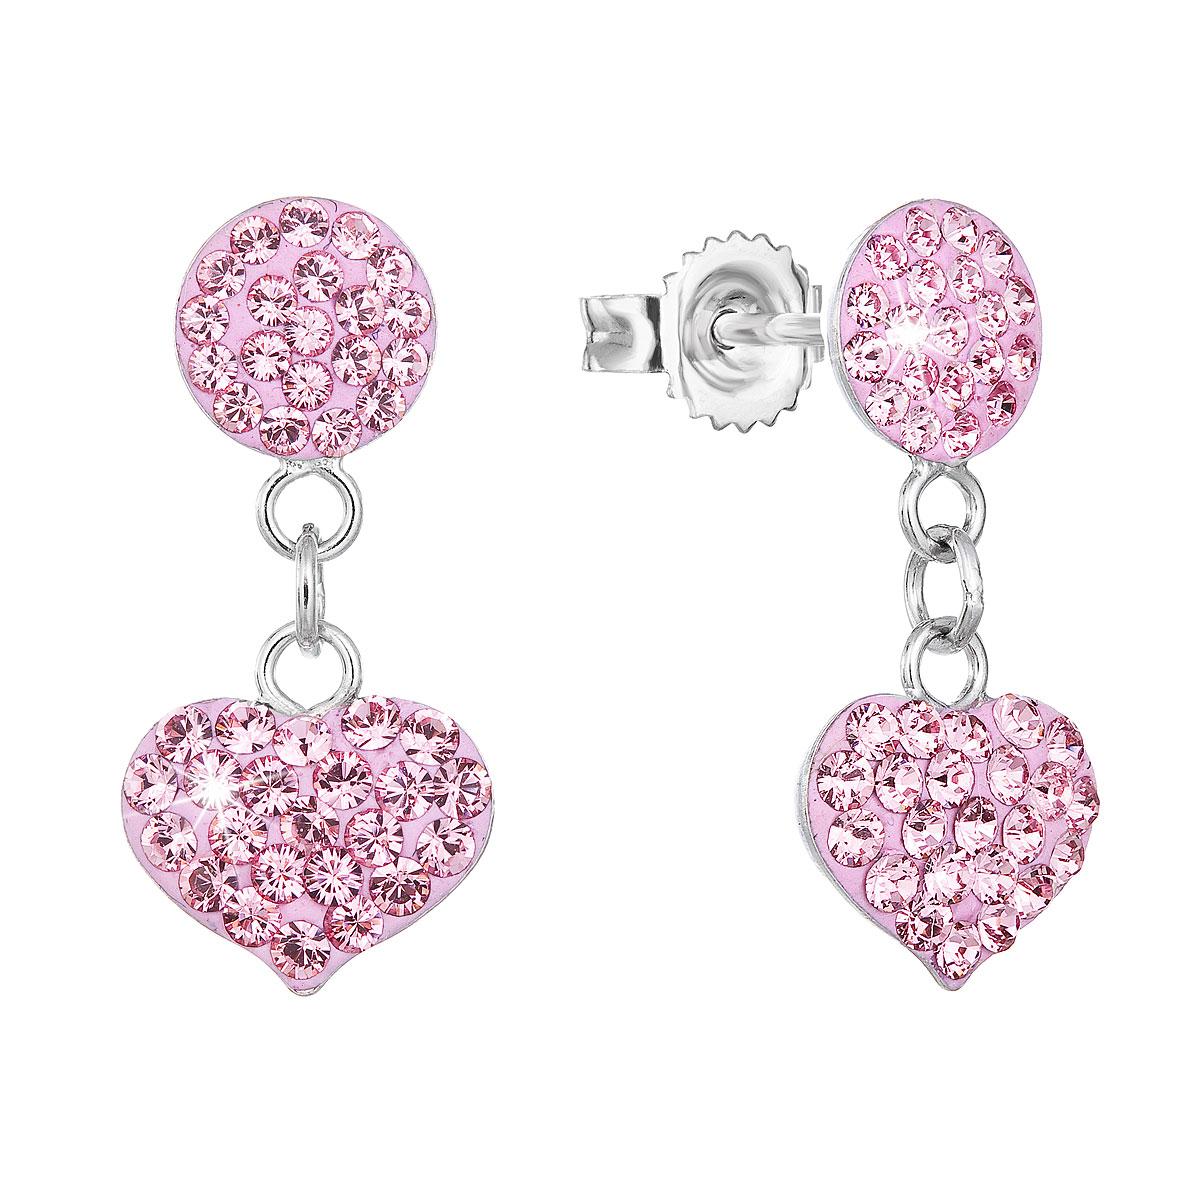 Strieborné náušnice visiace s krištálmi Swarovski ružové srdce 71073.3